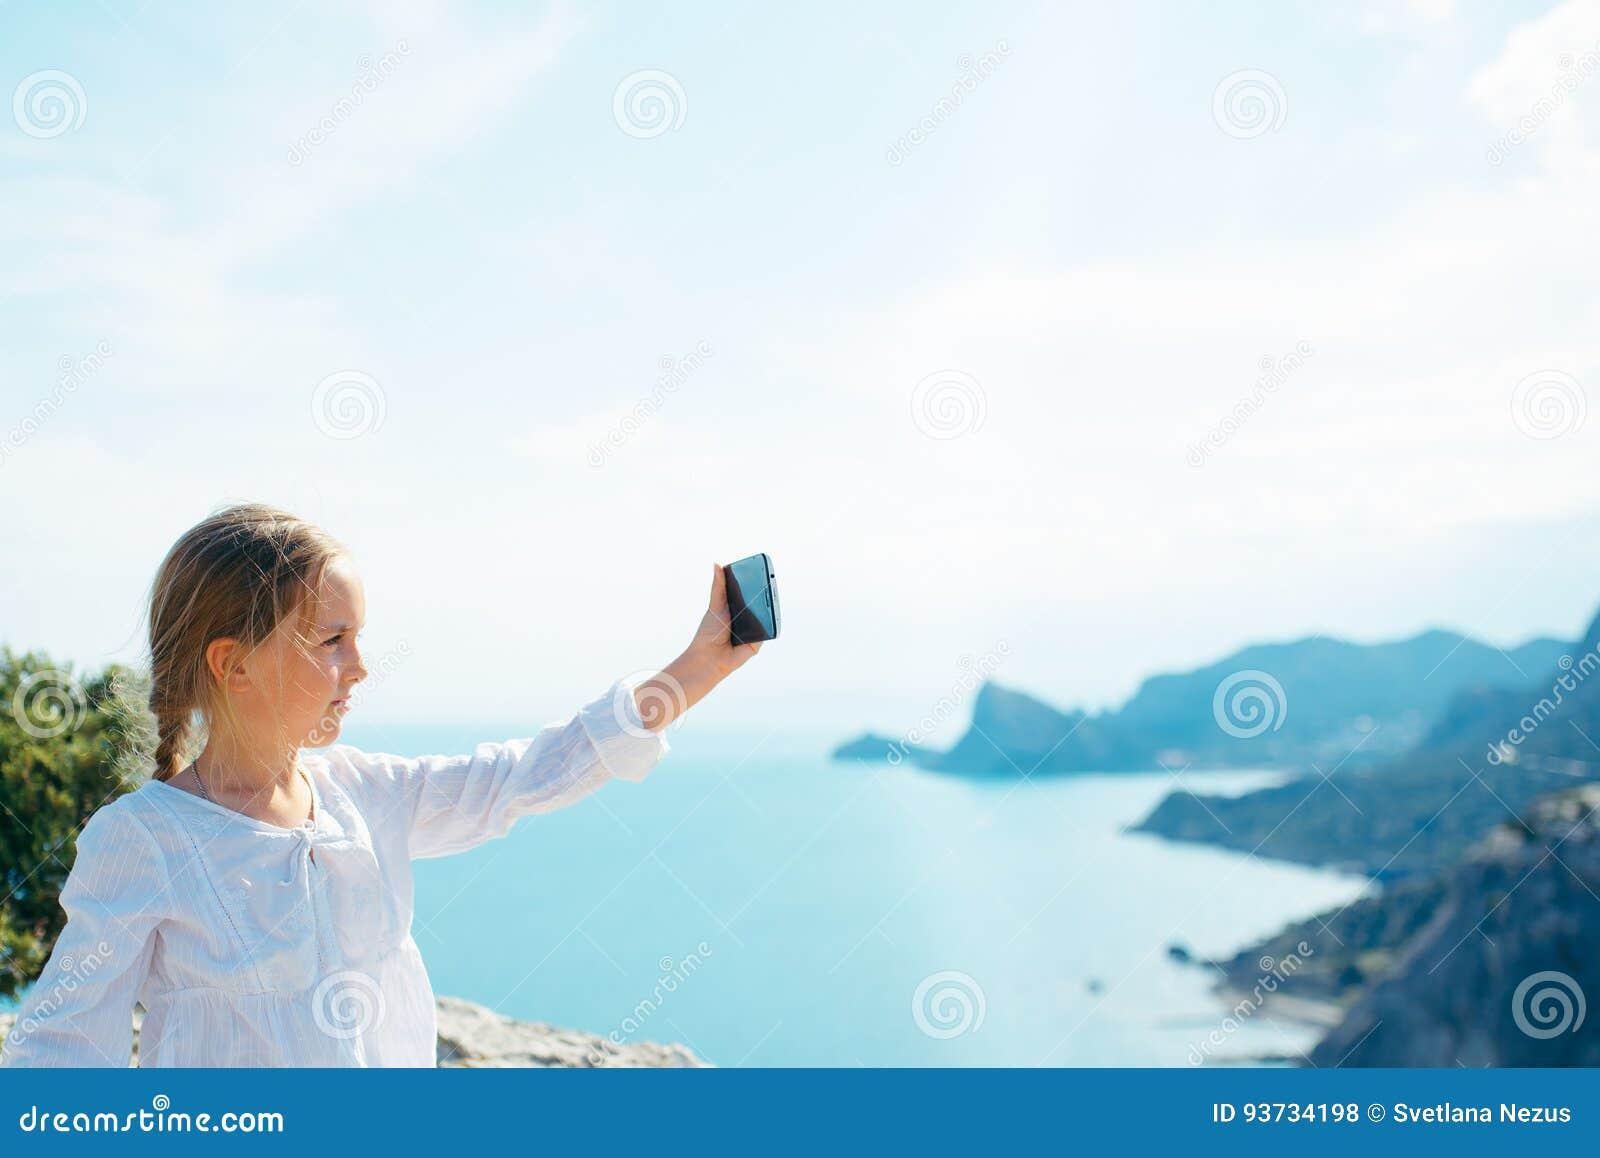 Το μικρό κορίτσι παίρνει την εικόνα στο smartphone